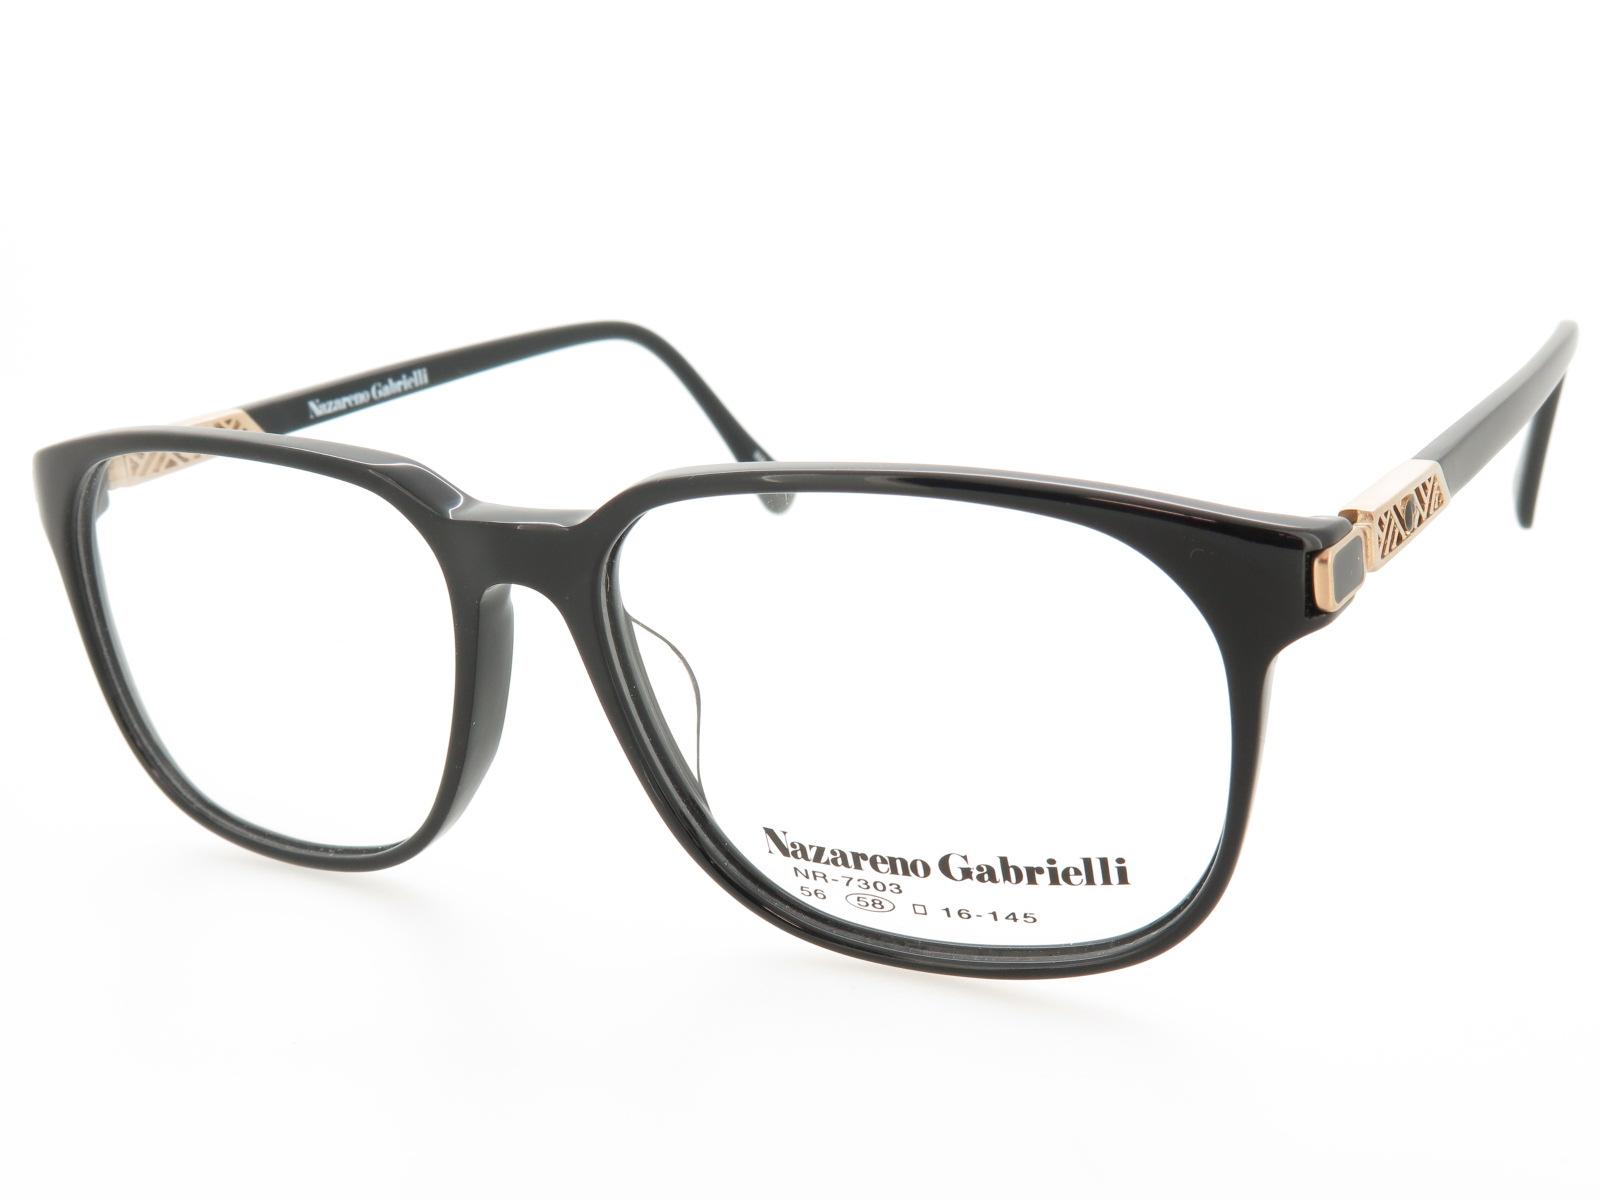 超薄型レンズ付セット スクエア型 セルフレーム NR7303 ライトブラウンデミ 58サイズ